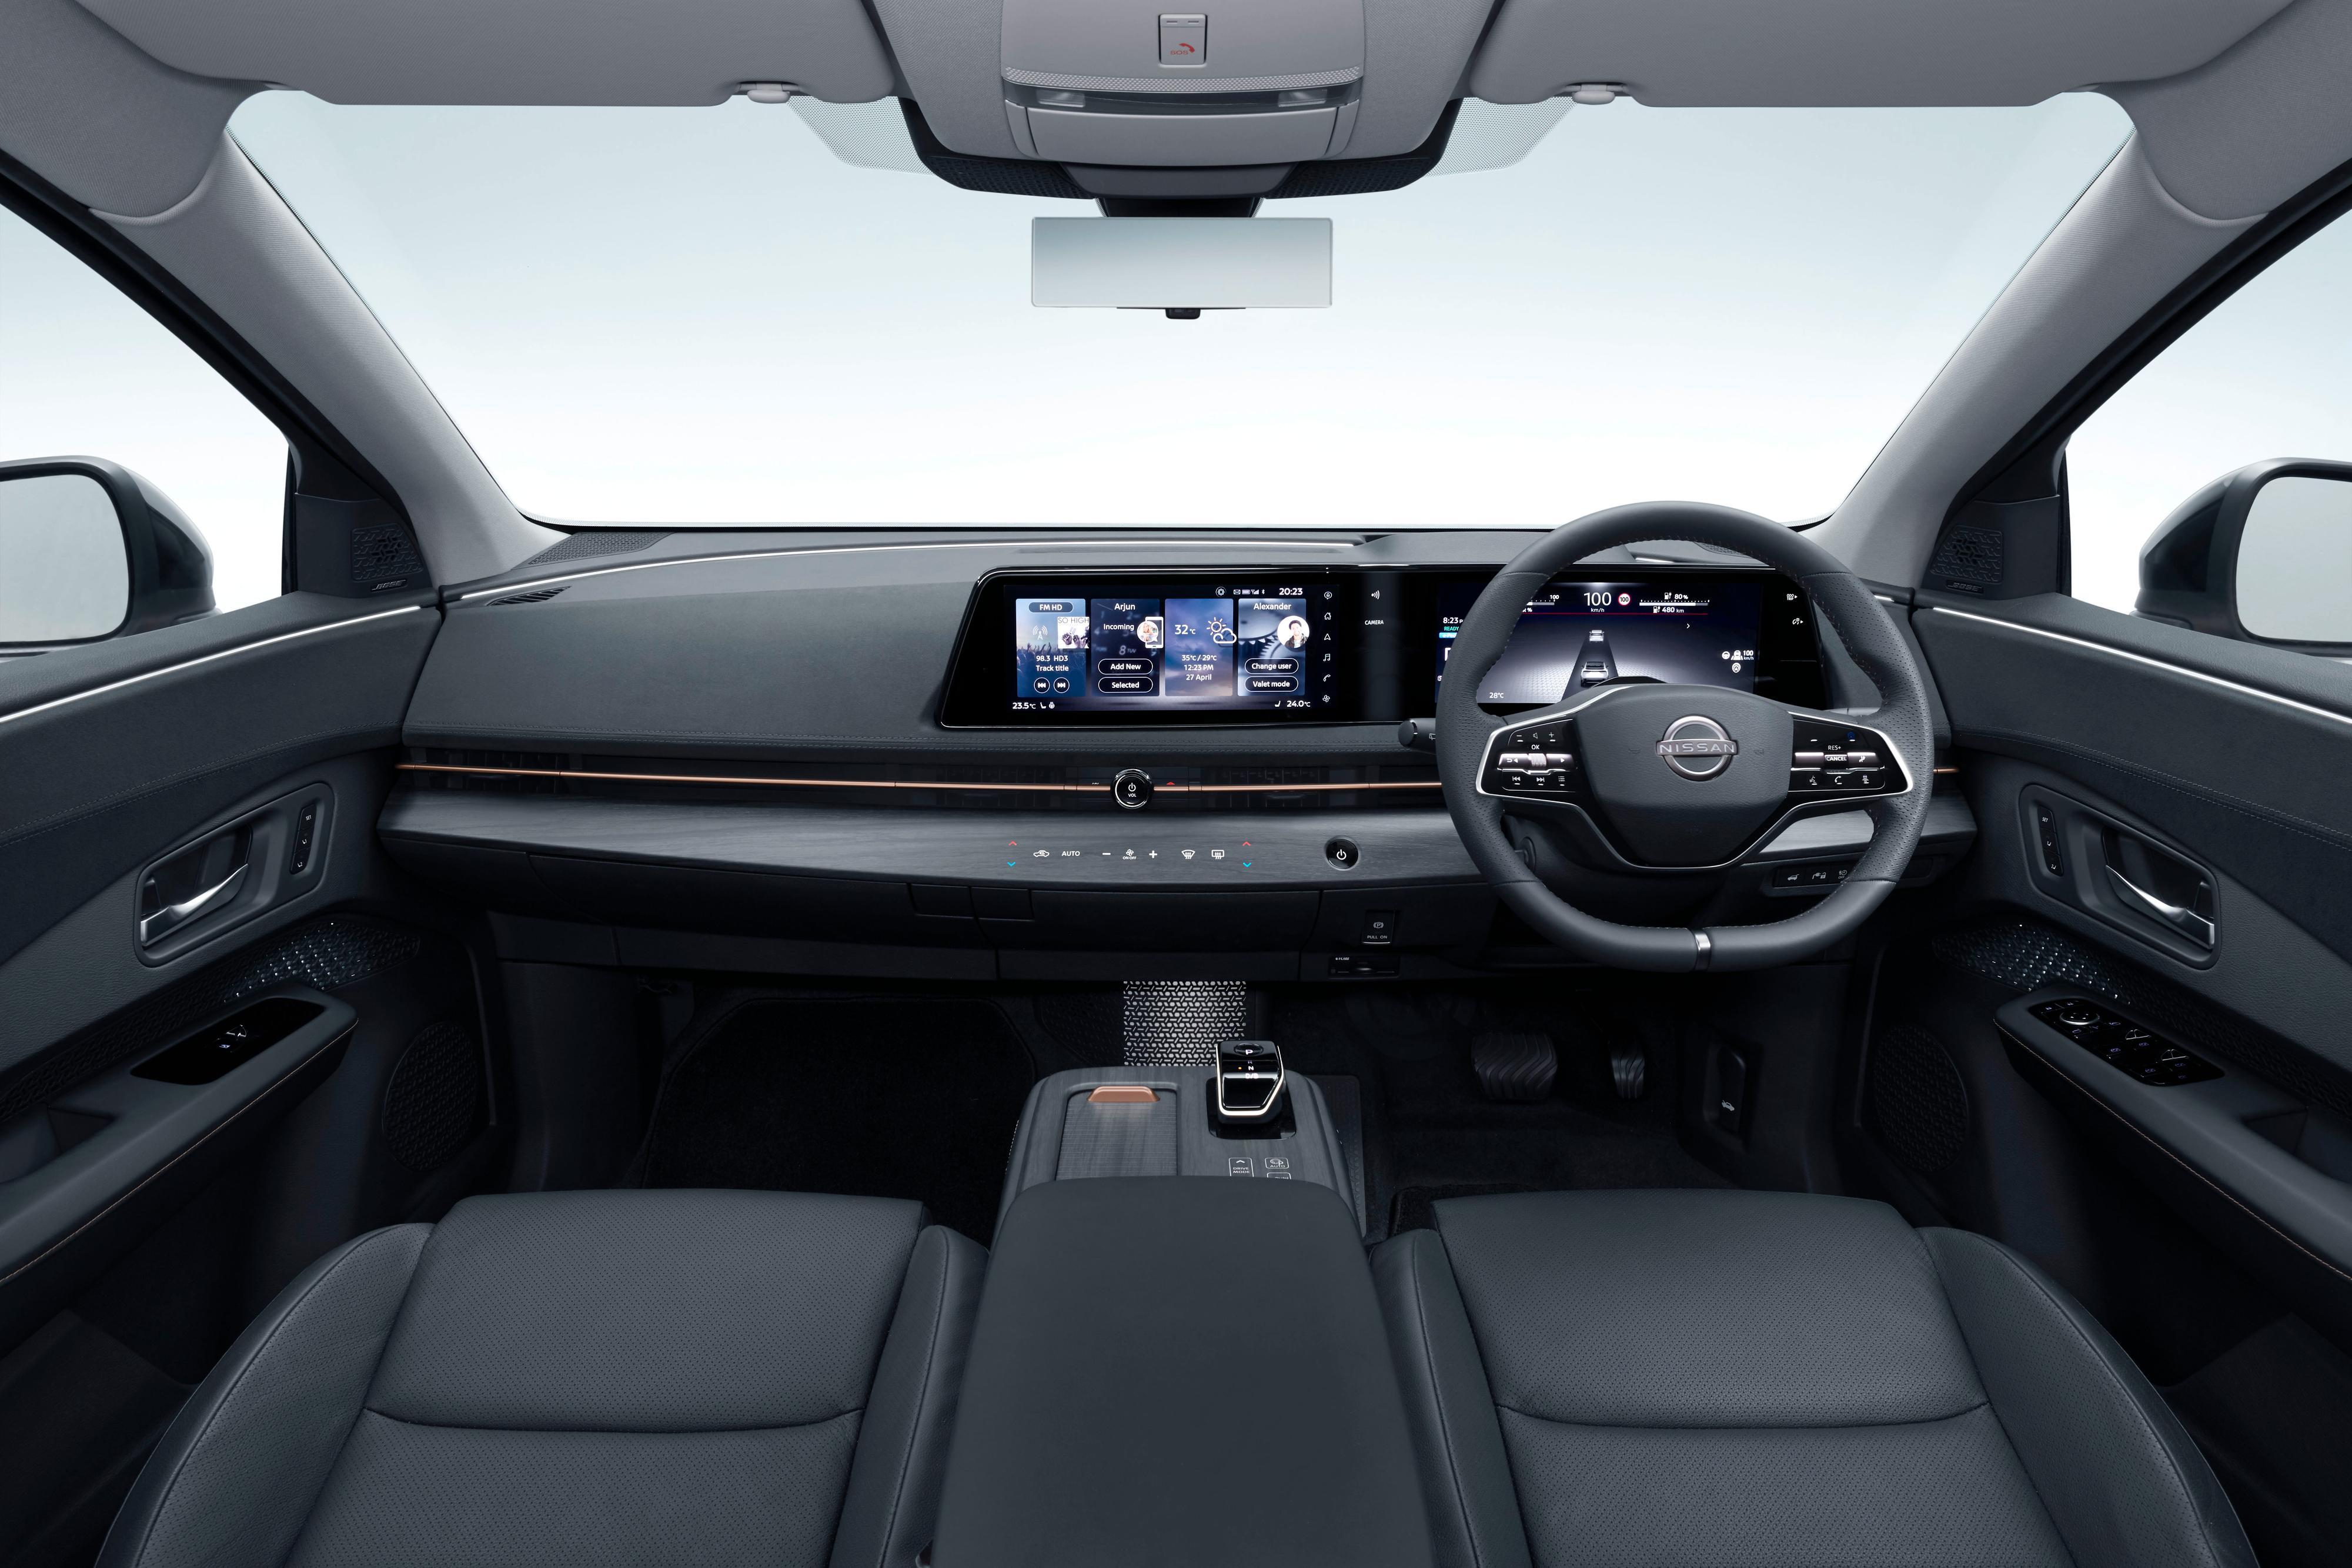 Skjermene i førermiljøet vil være standard i alle versjoner av bilen, sier Nissan. «Haptiske» knapper for mye brukte funksjoner ligger under infotainmentskjermen.